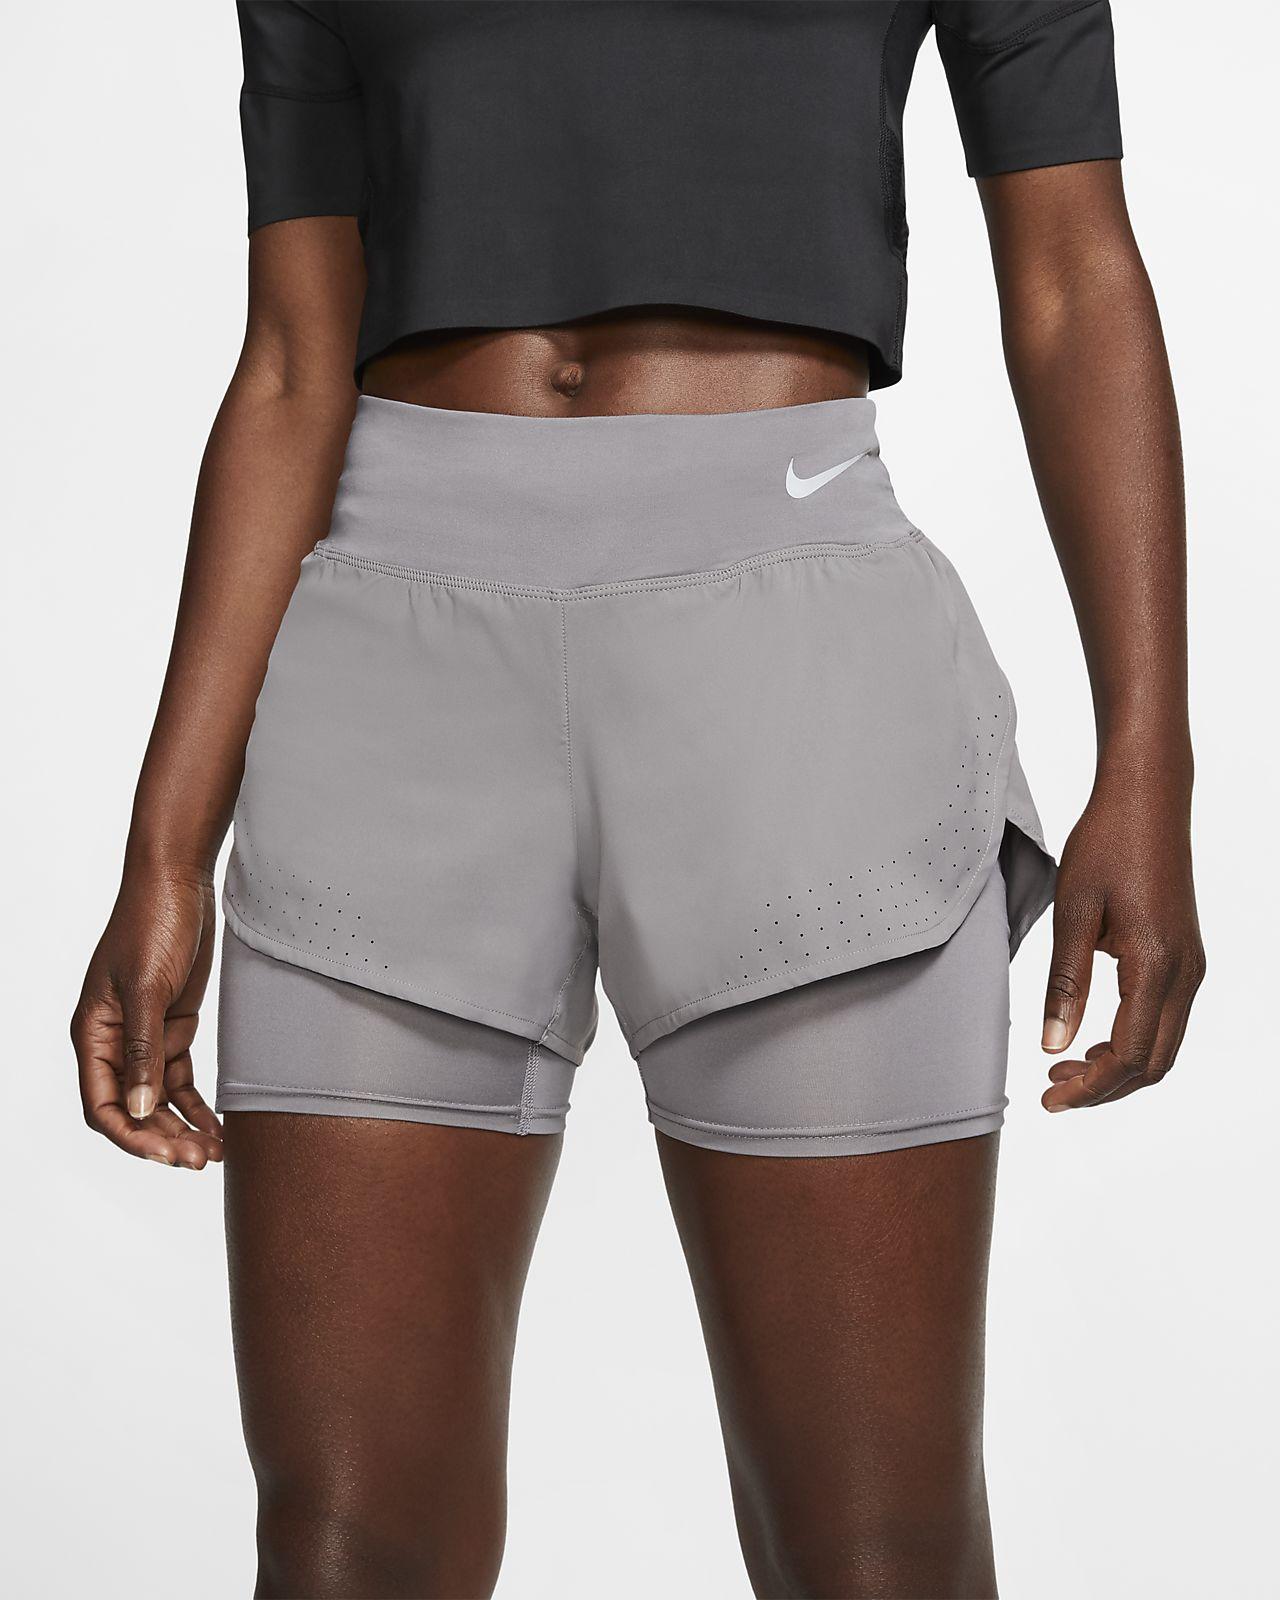 Nike Eclipse Pantalons curts de running 2 en 1 - Dona